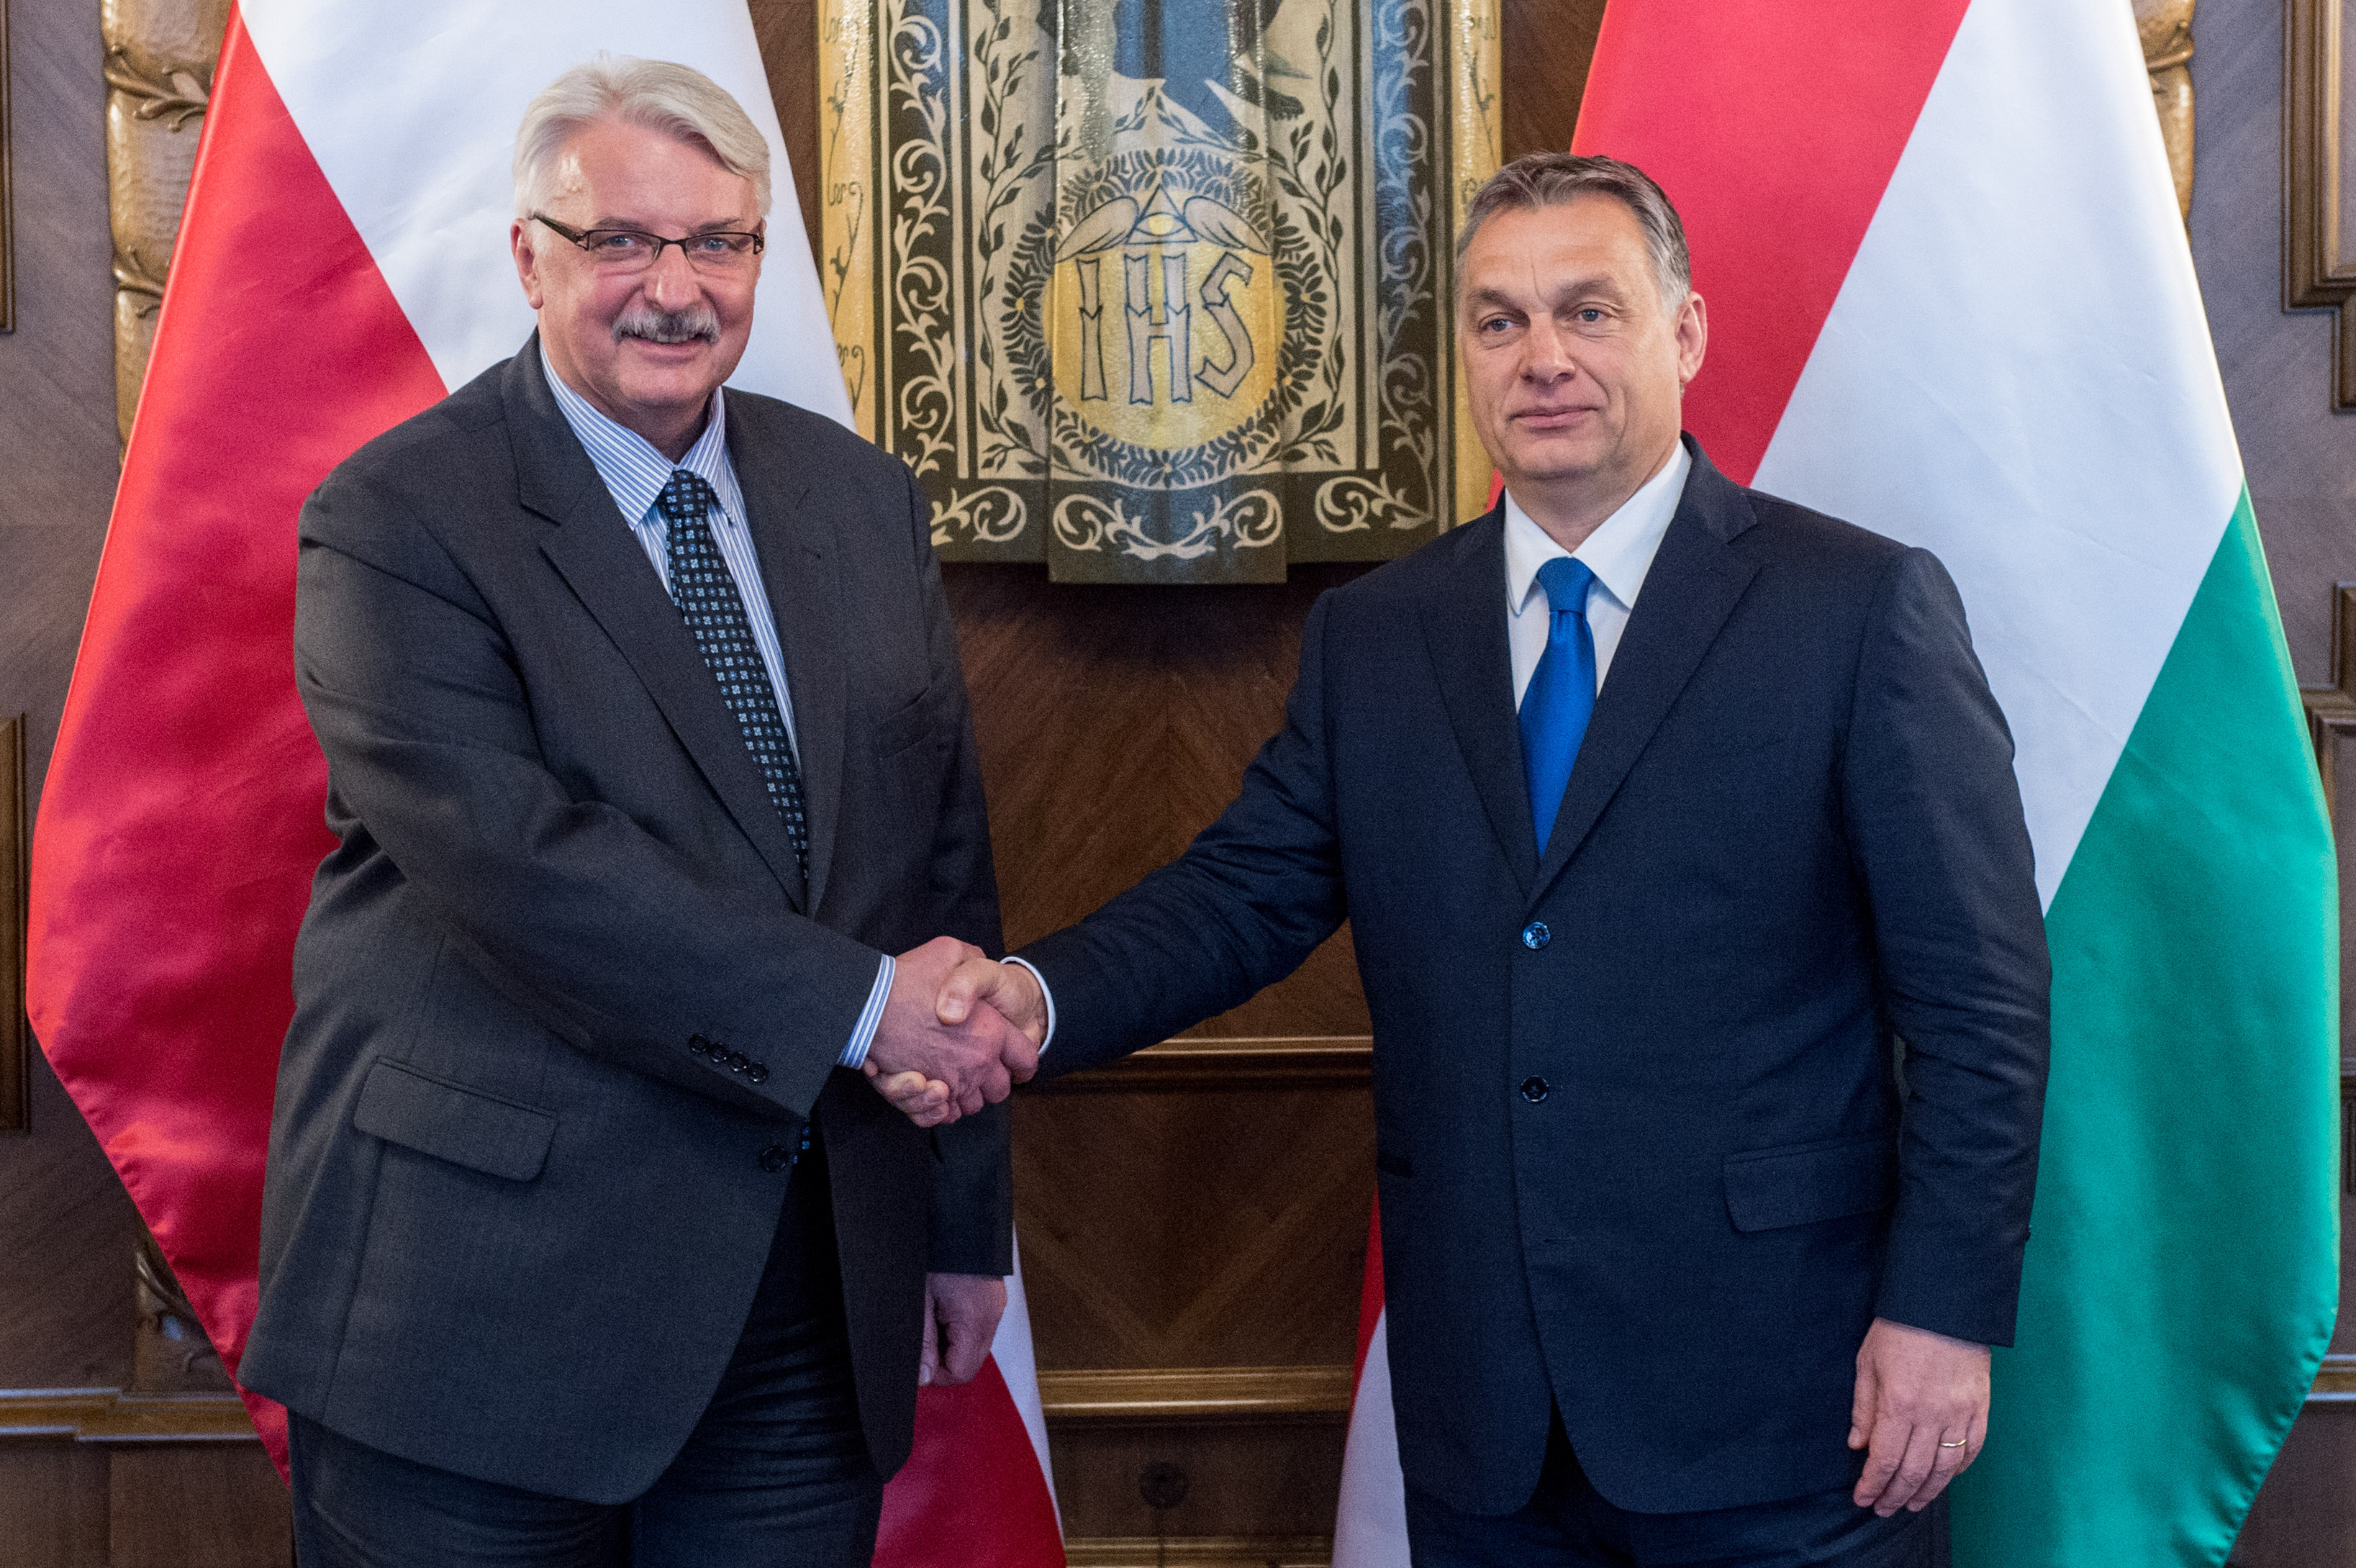 Après la vague d'attentats, la Pologne demande des explications à l'Allemagne